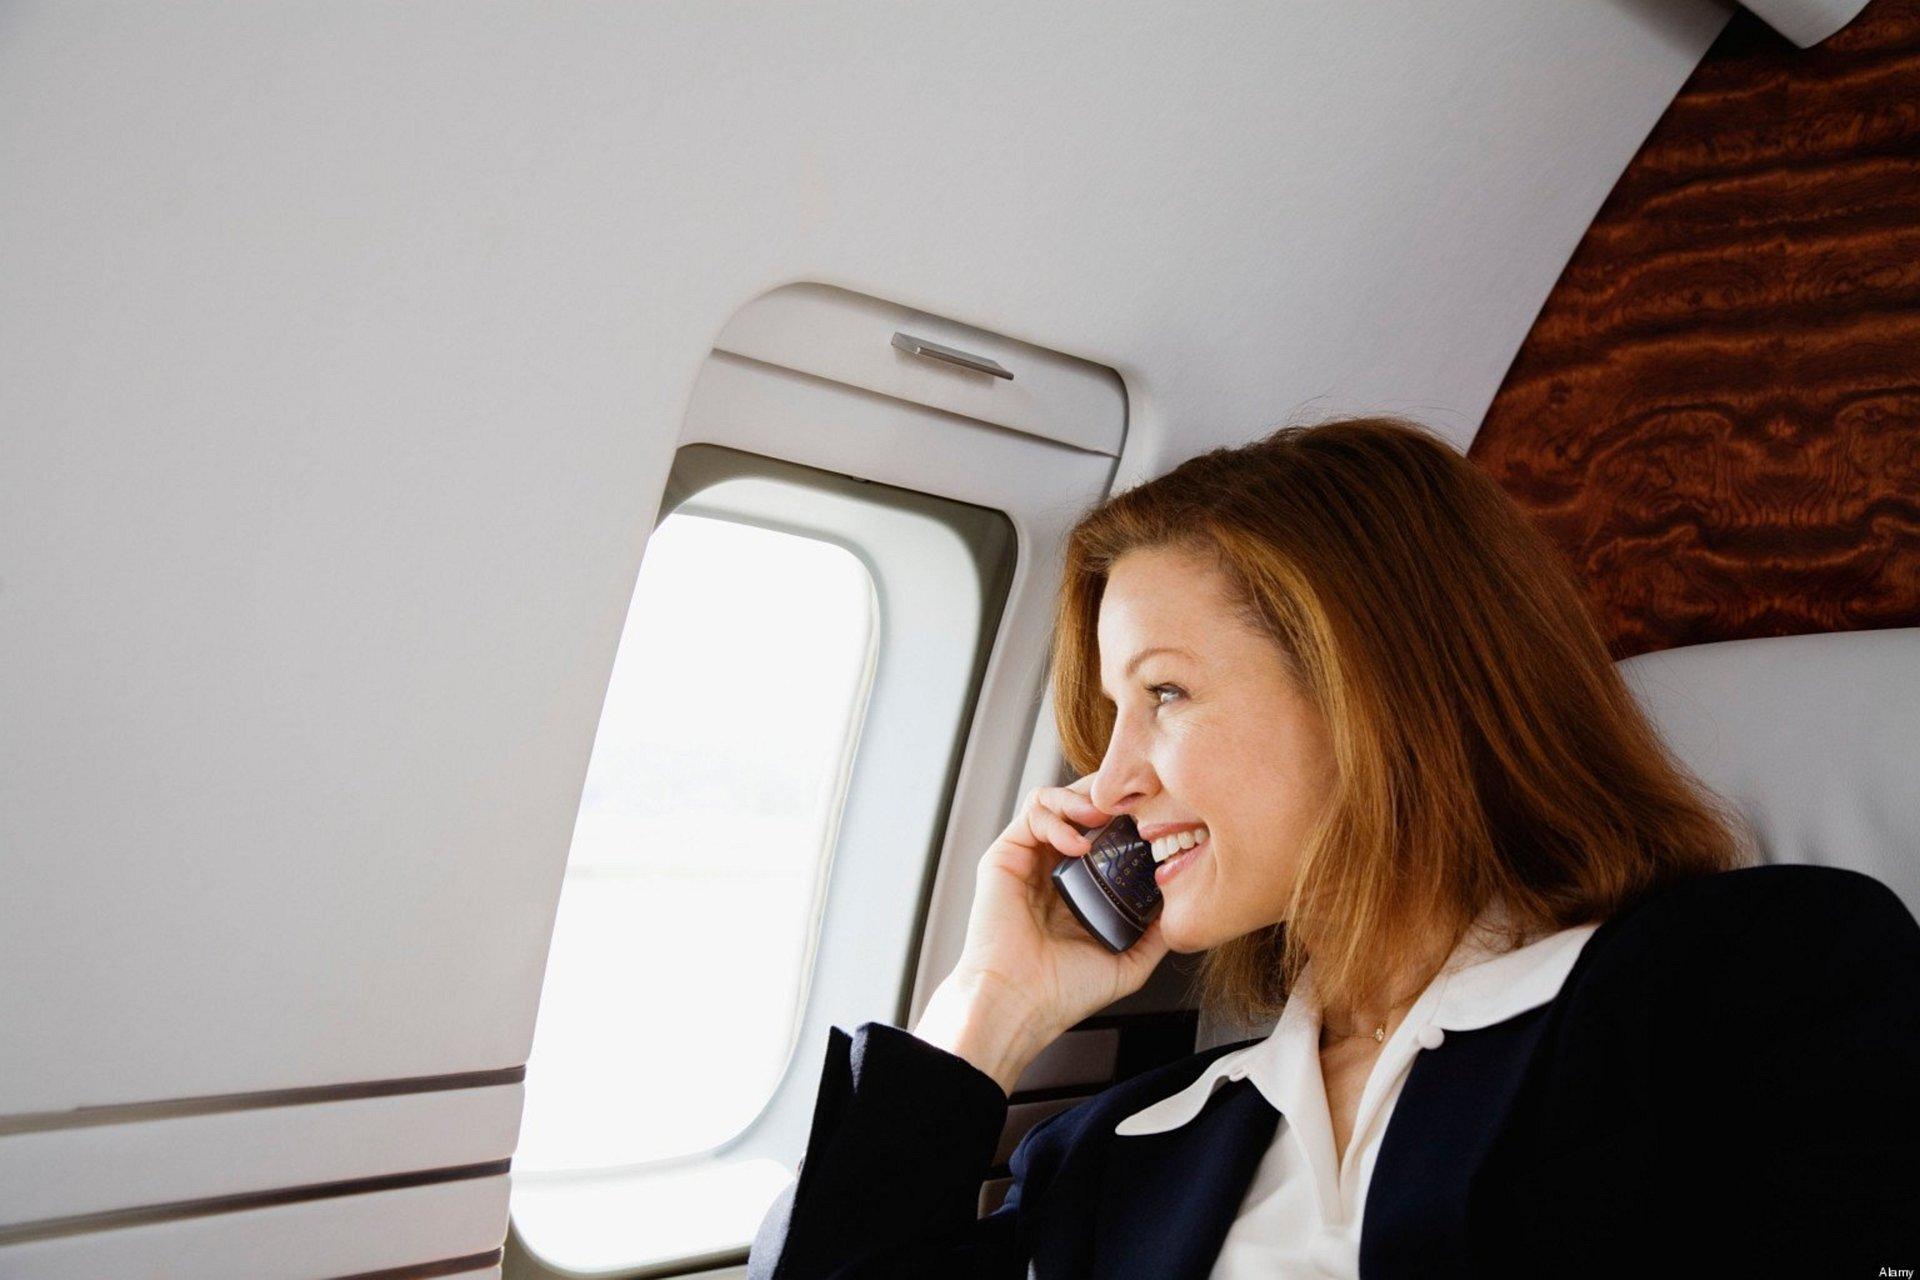 Zdjęcie przedstawia kobietę weleganckim stroju biznesowym siedzącą wfotelu przy oknie wprywatnym samolocie. Spogląda przez okno rozmawiając przez telefon iuśmiecha się.